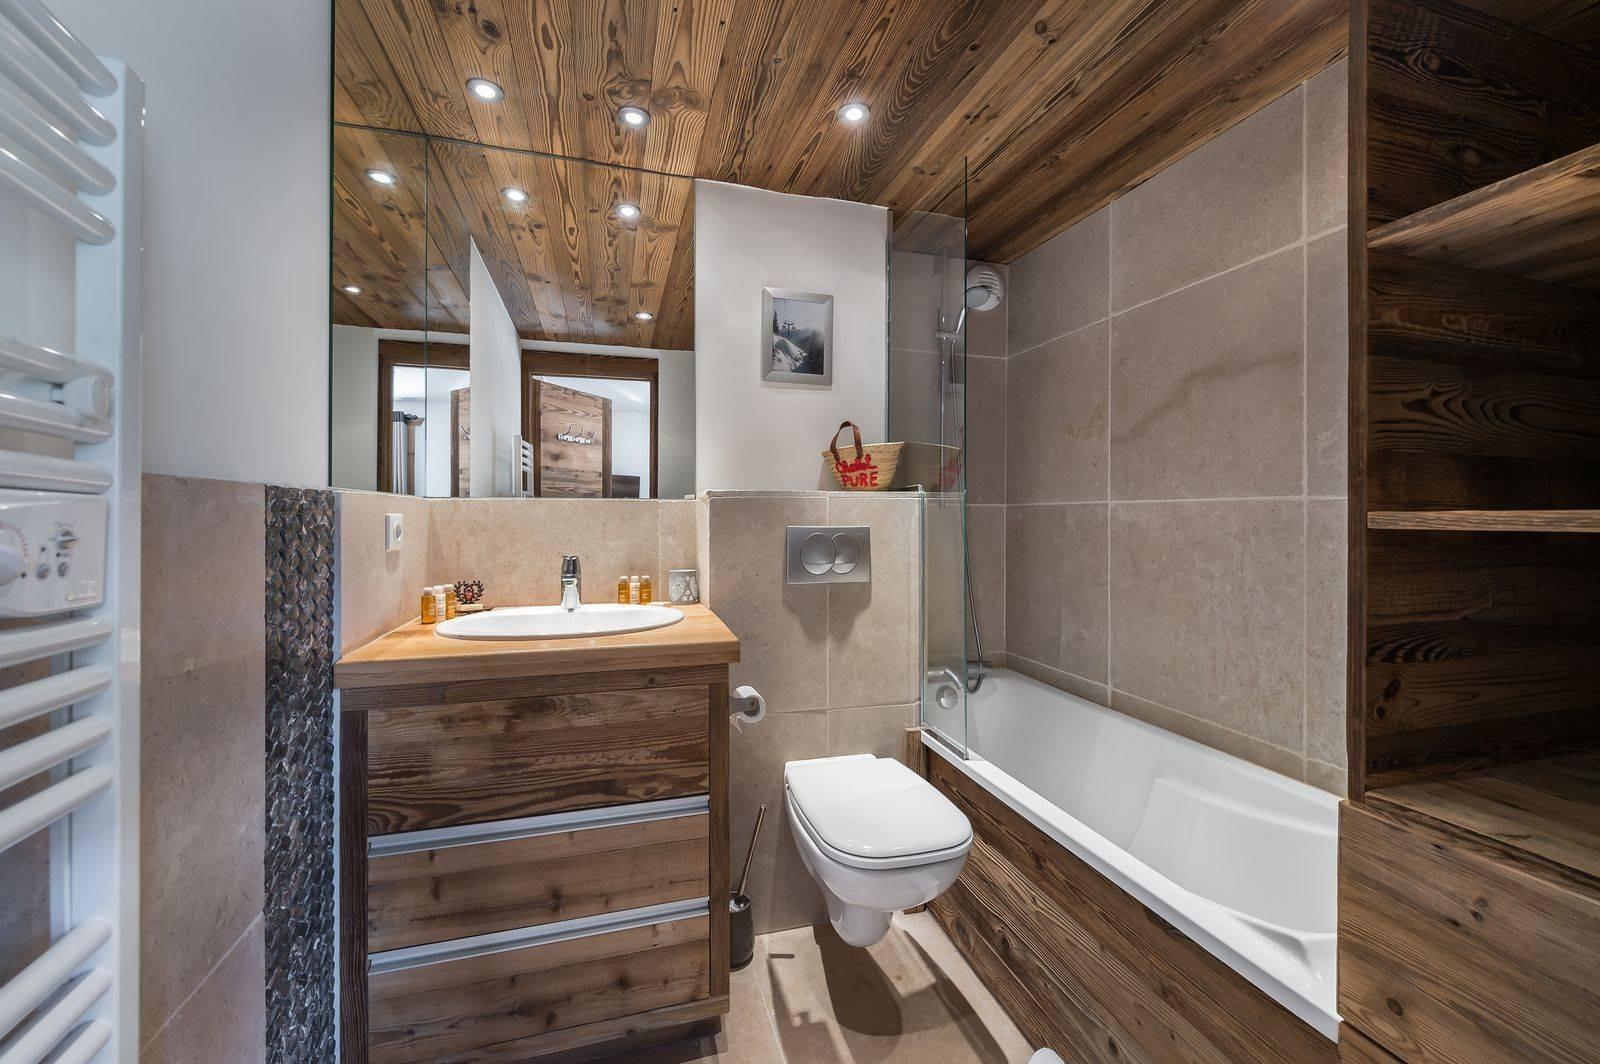 Courchevel 1300 Location Appartement Luxe Tilure Salle De Bain 3